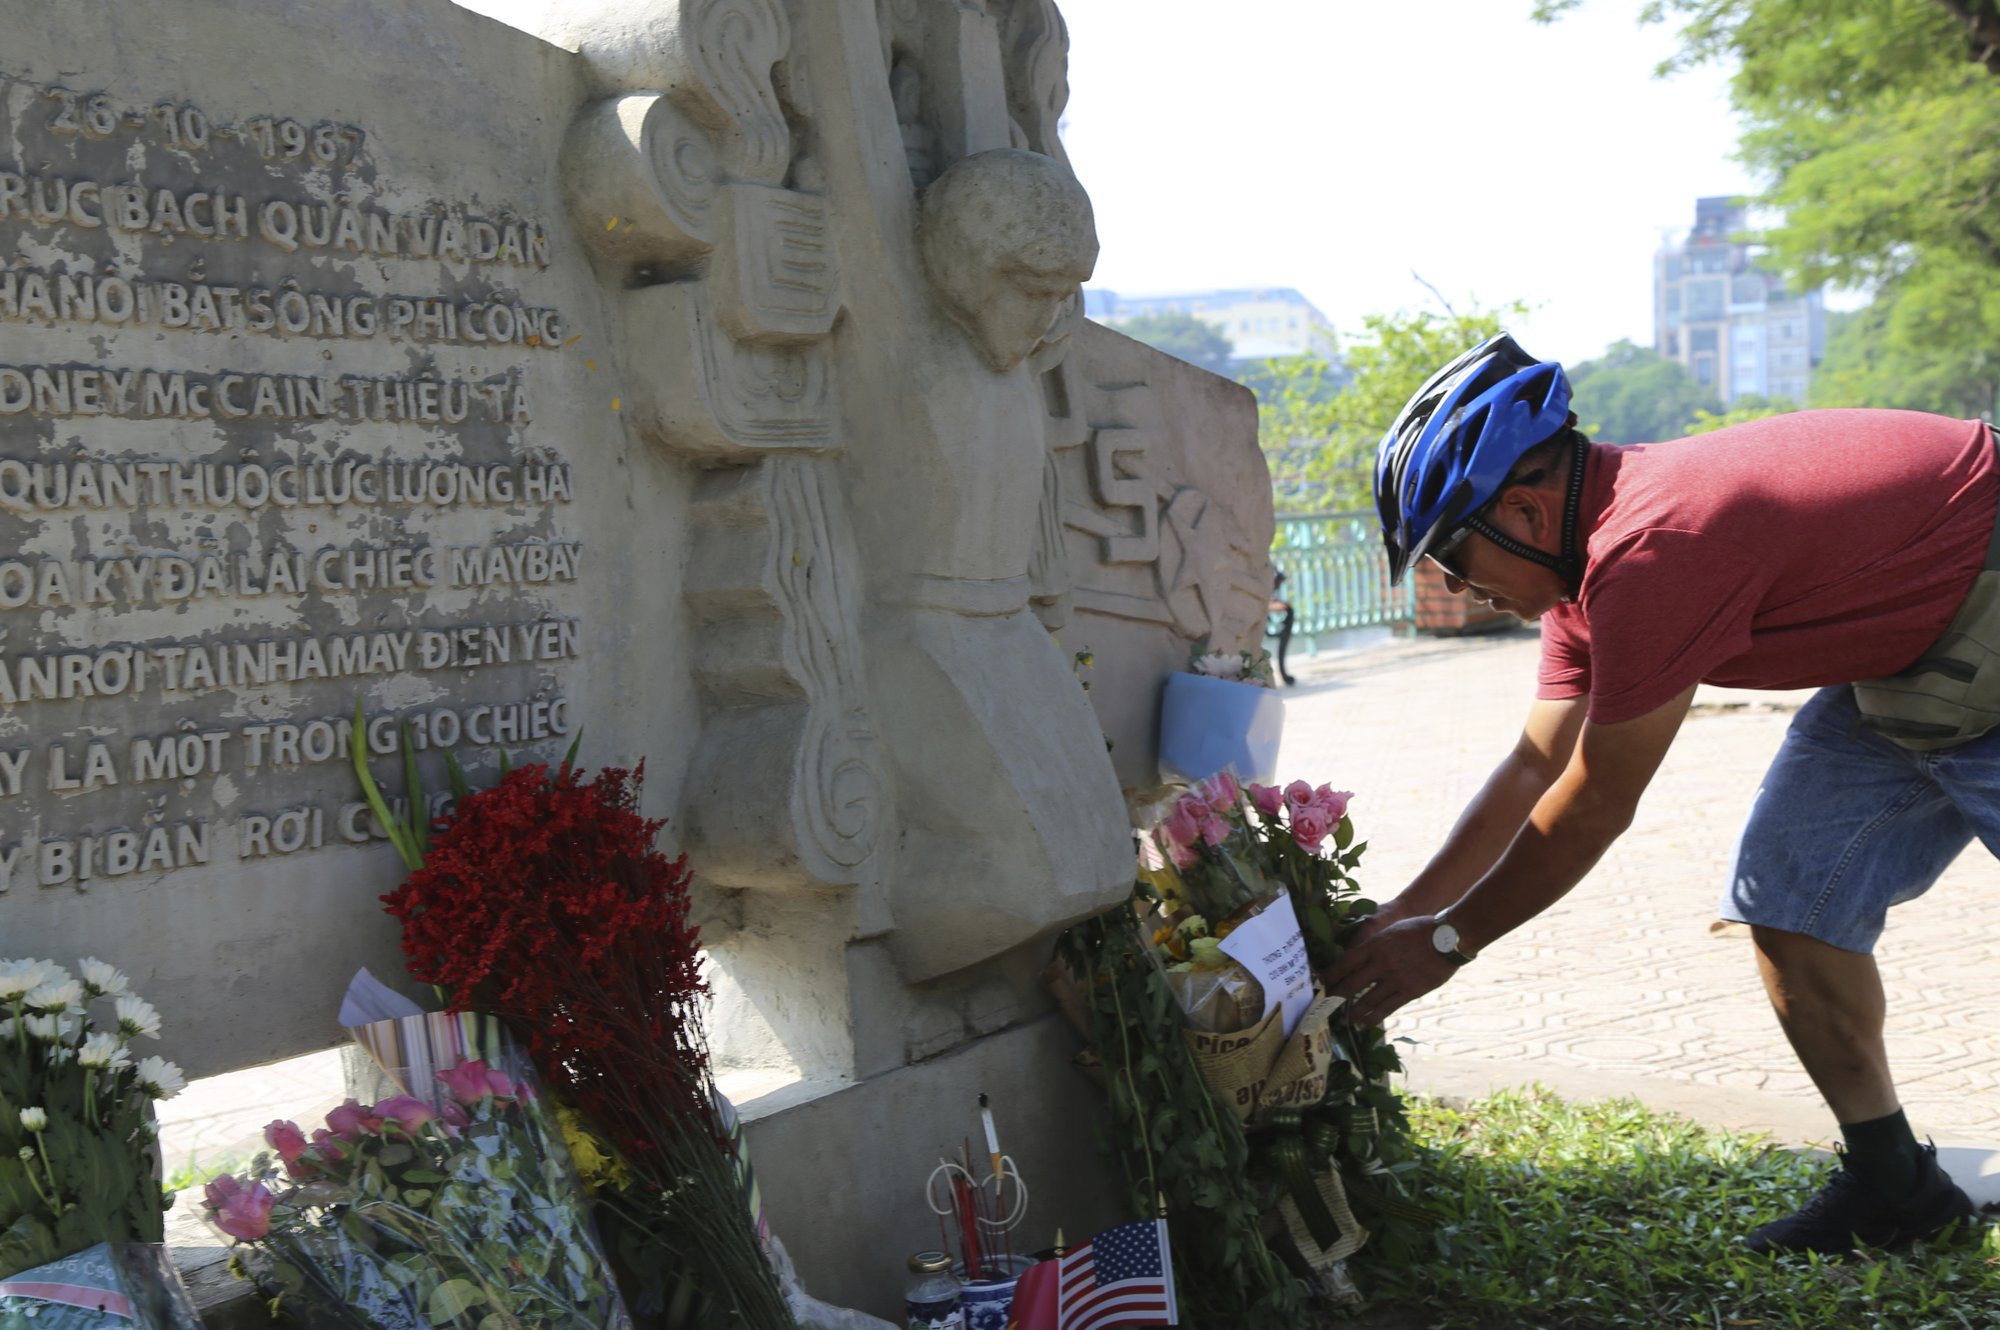 Former Vietnamese jailer says he respected late Sen. McCain